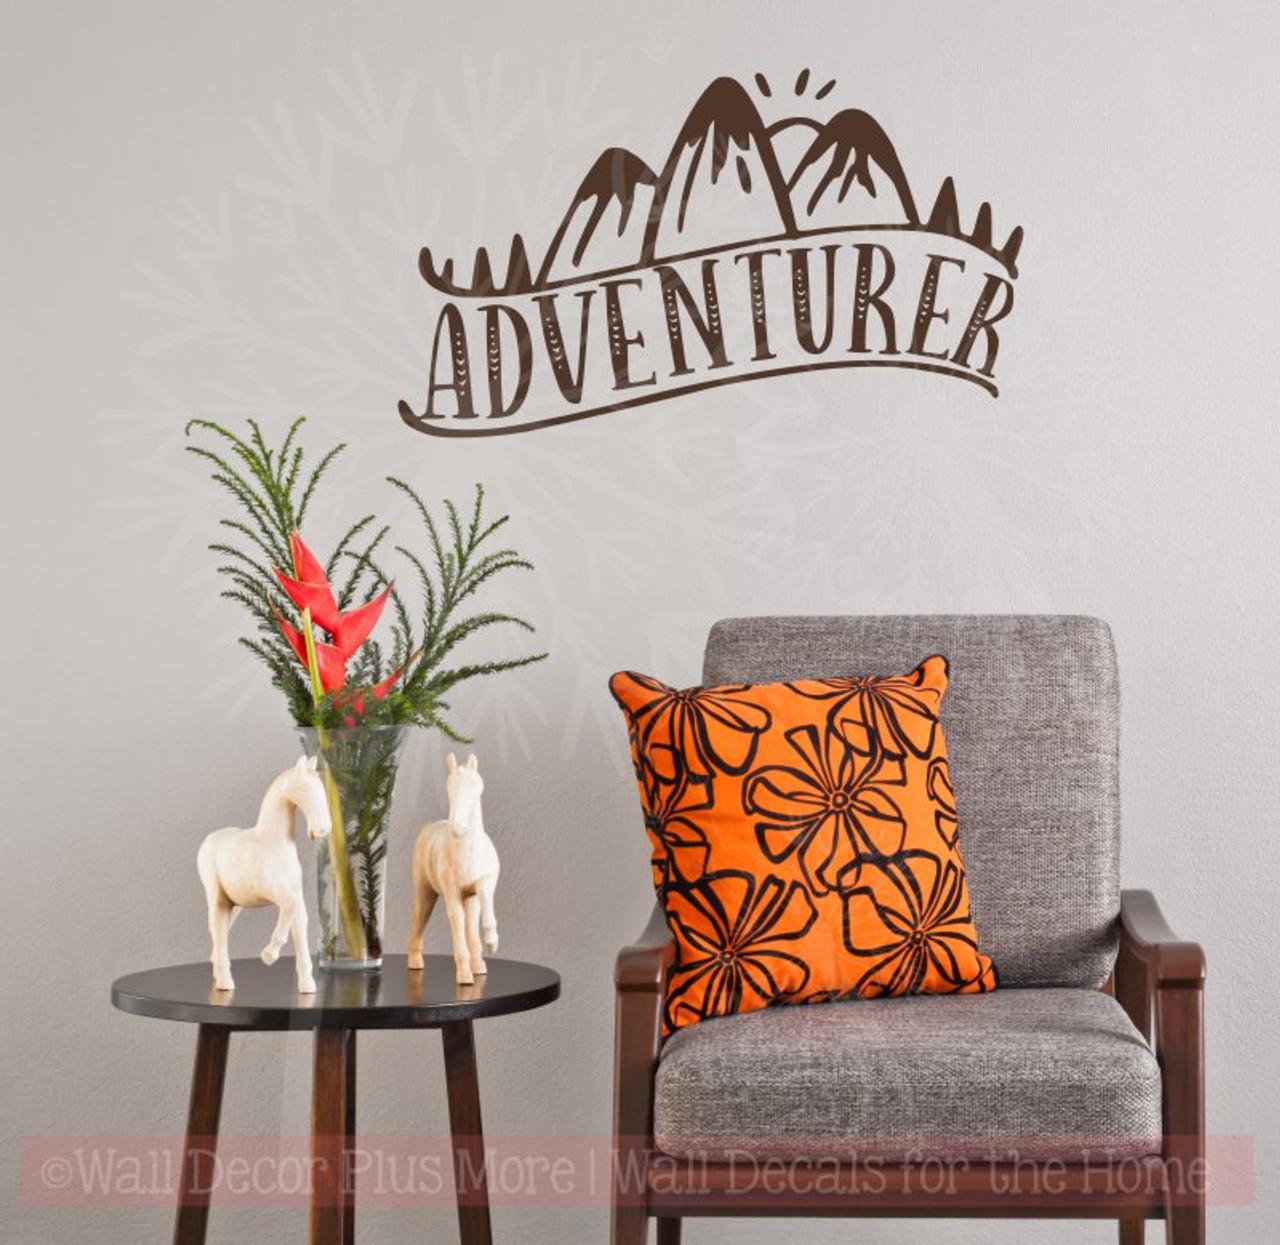 adventurer vinyl art stickers nature lover wall décor camper decal